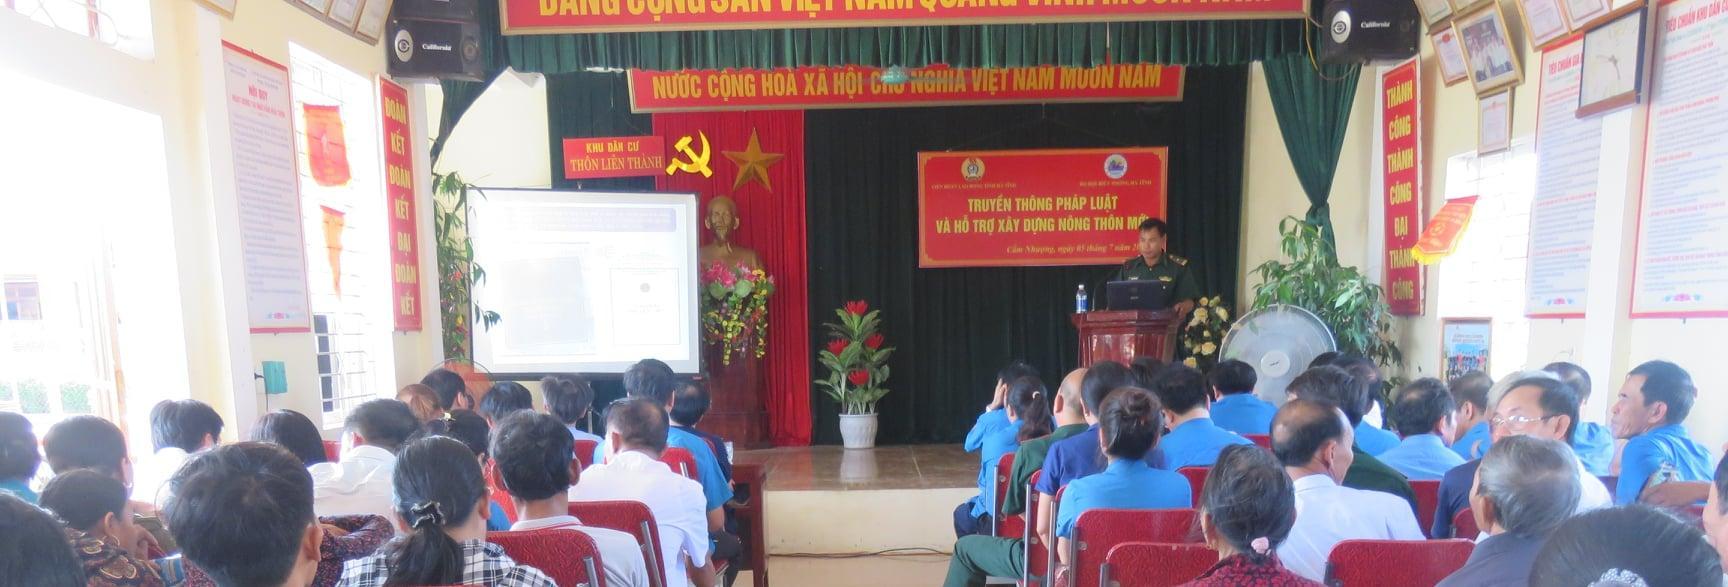 Liên đoàn Lao động tỉnh Hà Tĩnh: phối hợp tổ chức truyền thông cho đoàn viên nghiệp đoàn Nghề cá